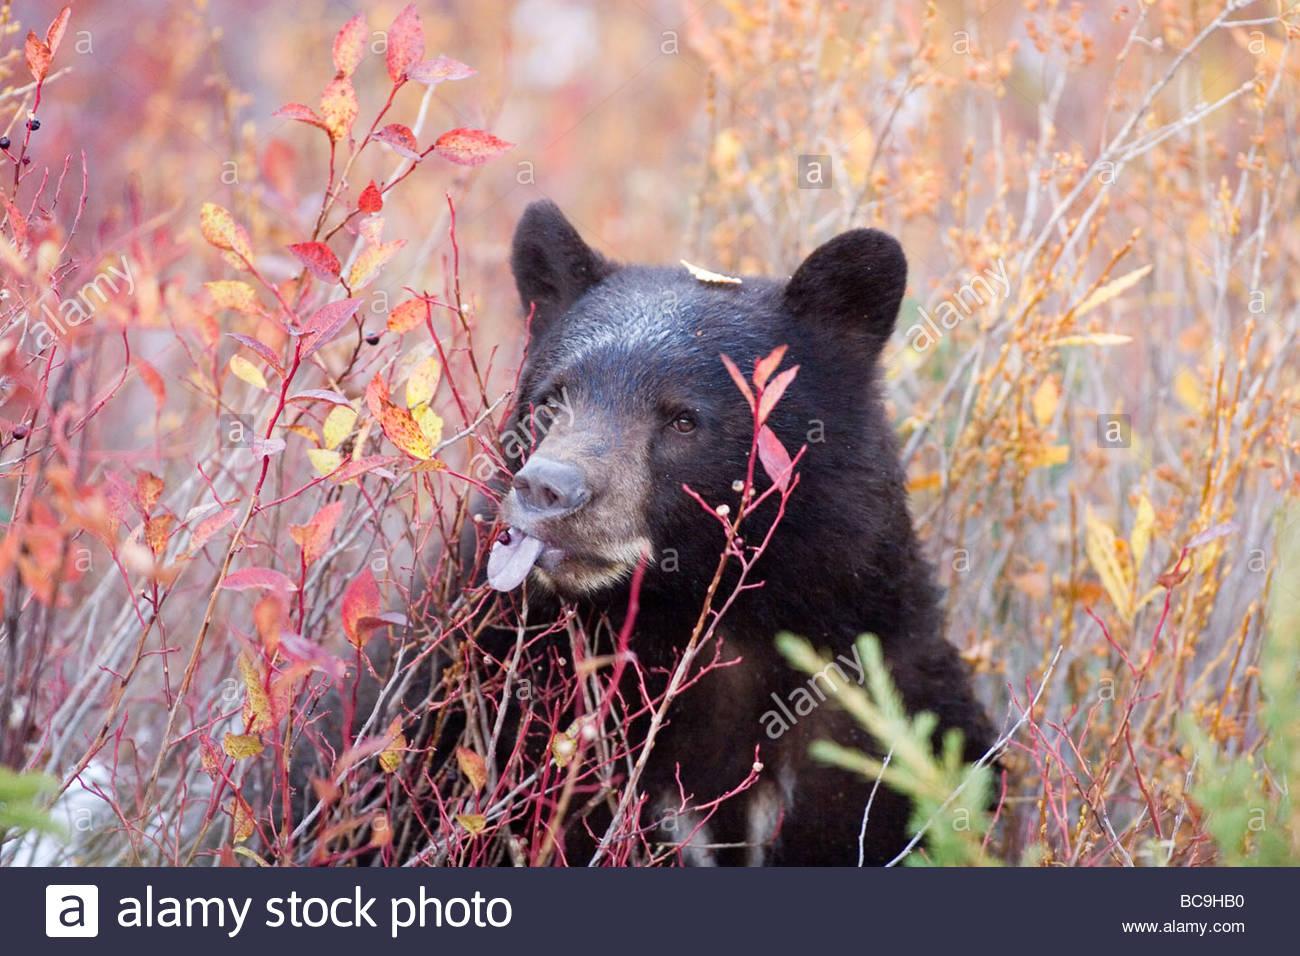 Un ours noir mange une myrtille tout en ajoutant du poids pour l'hibernation. Photo Stock